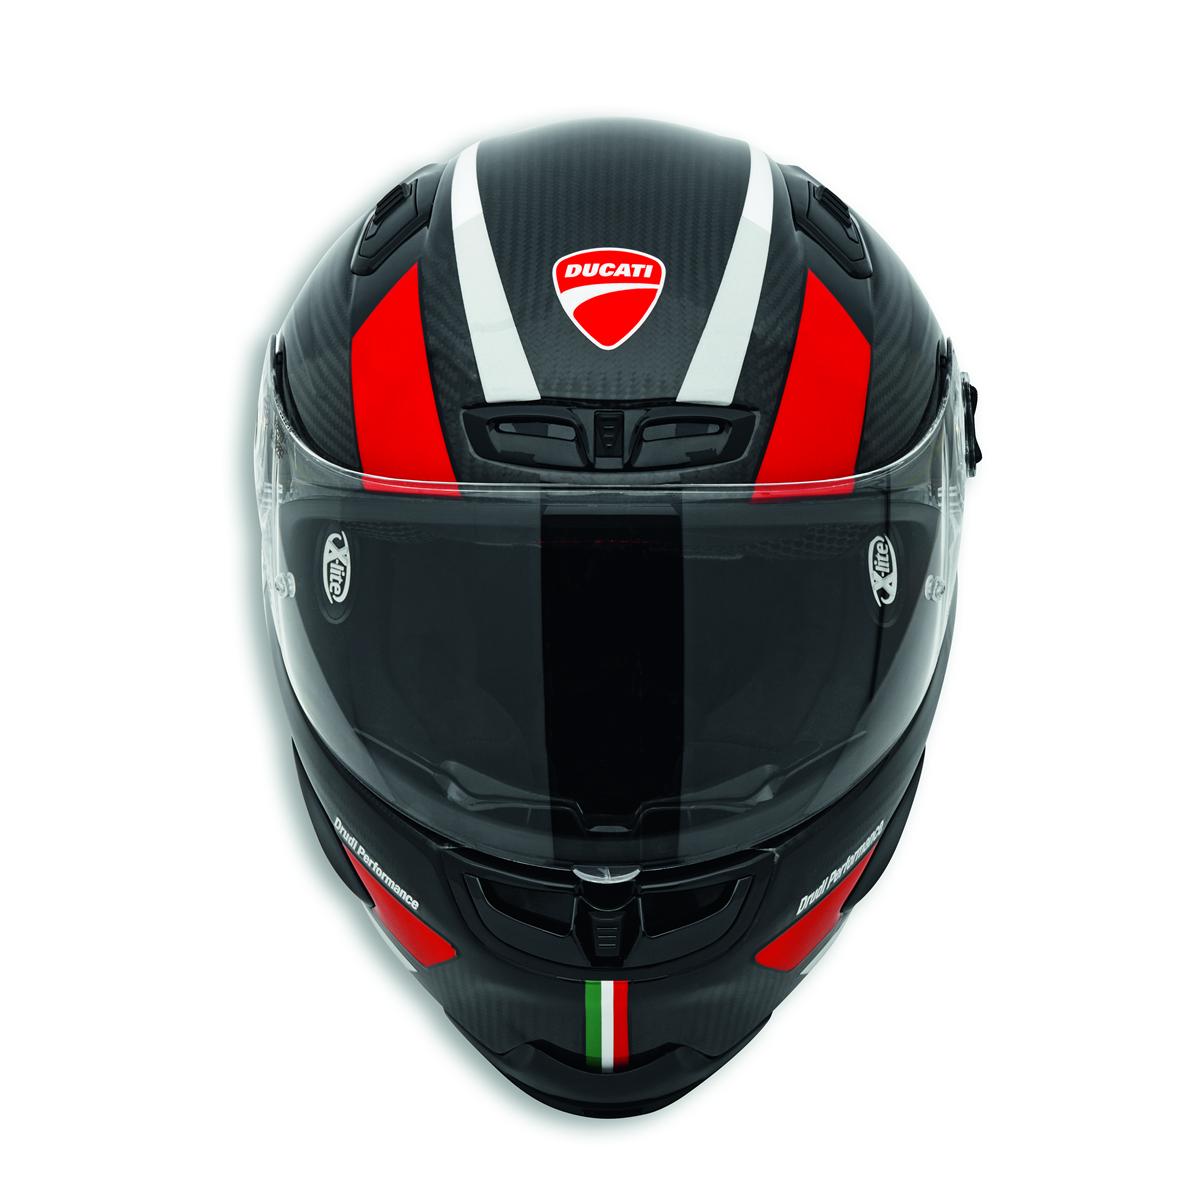 Speed Evo - Full-face helmet